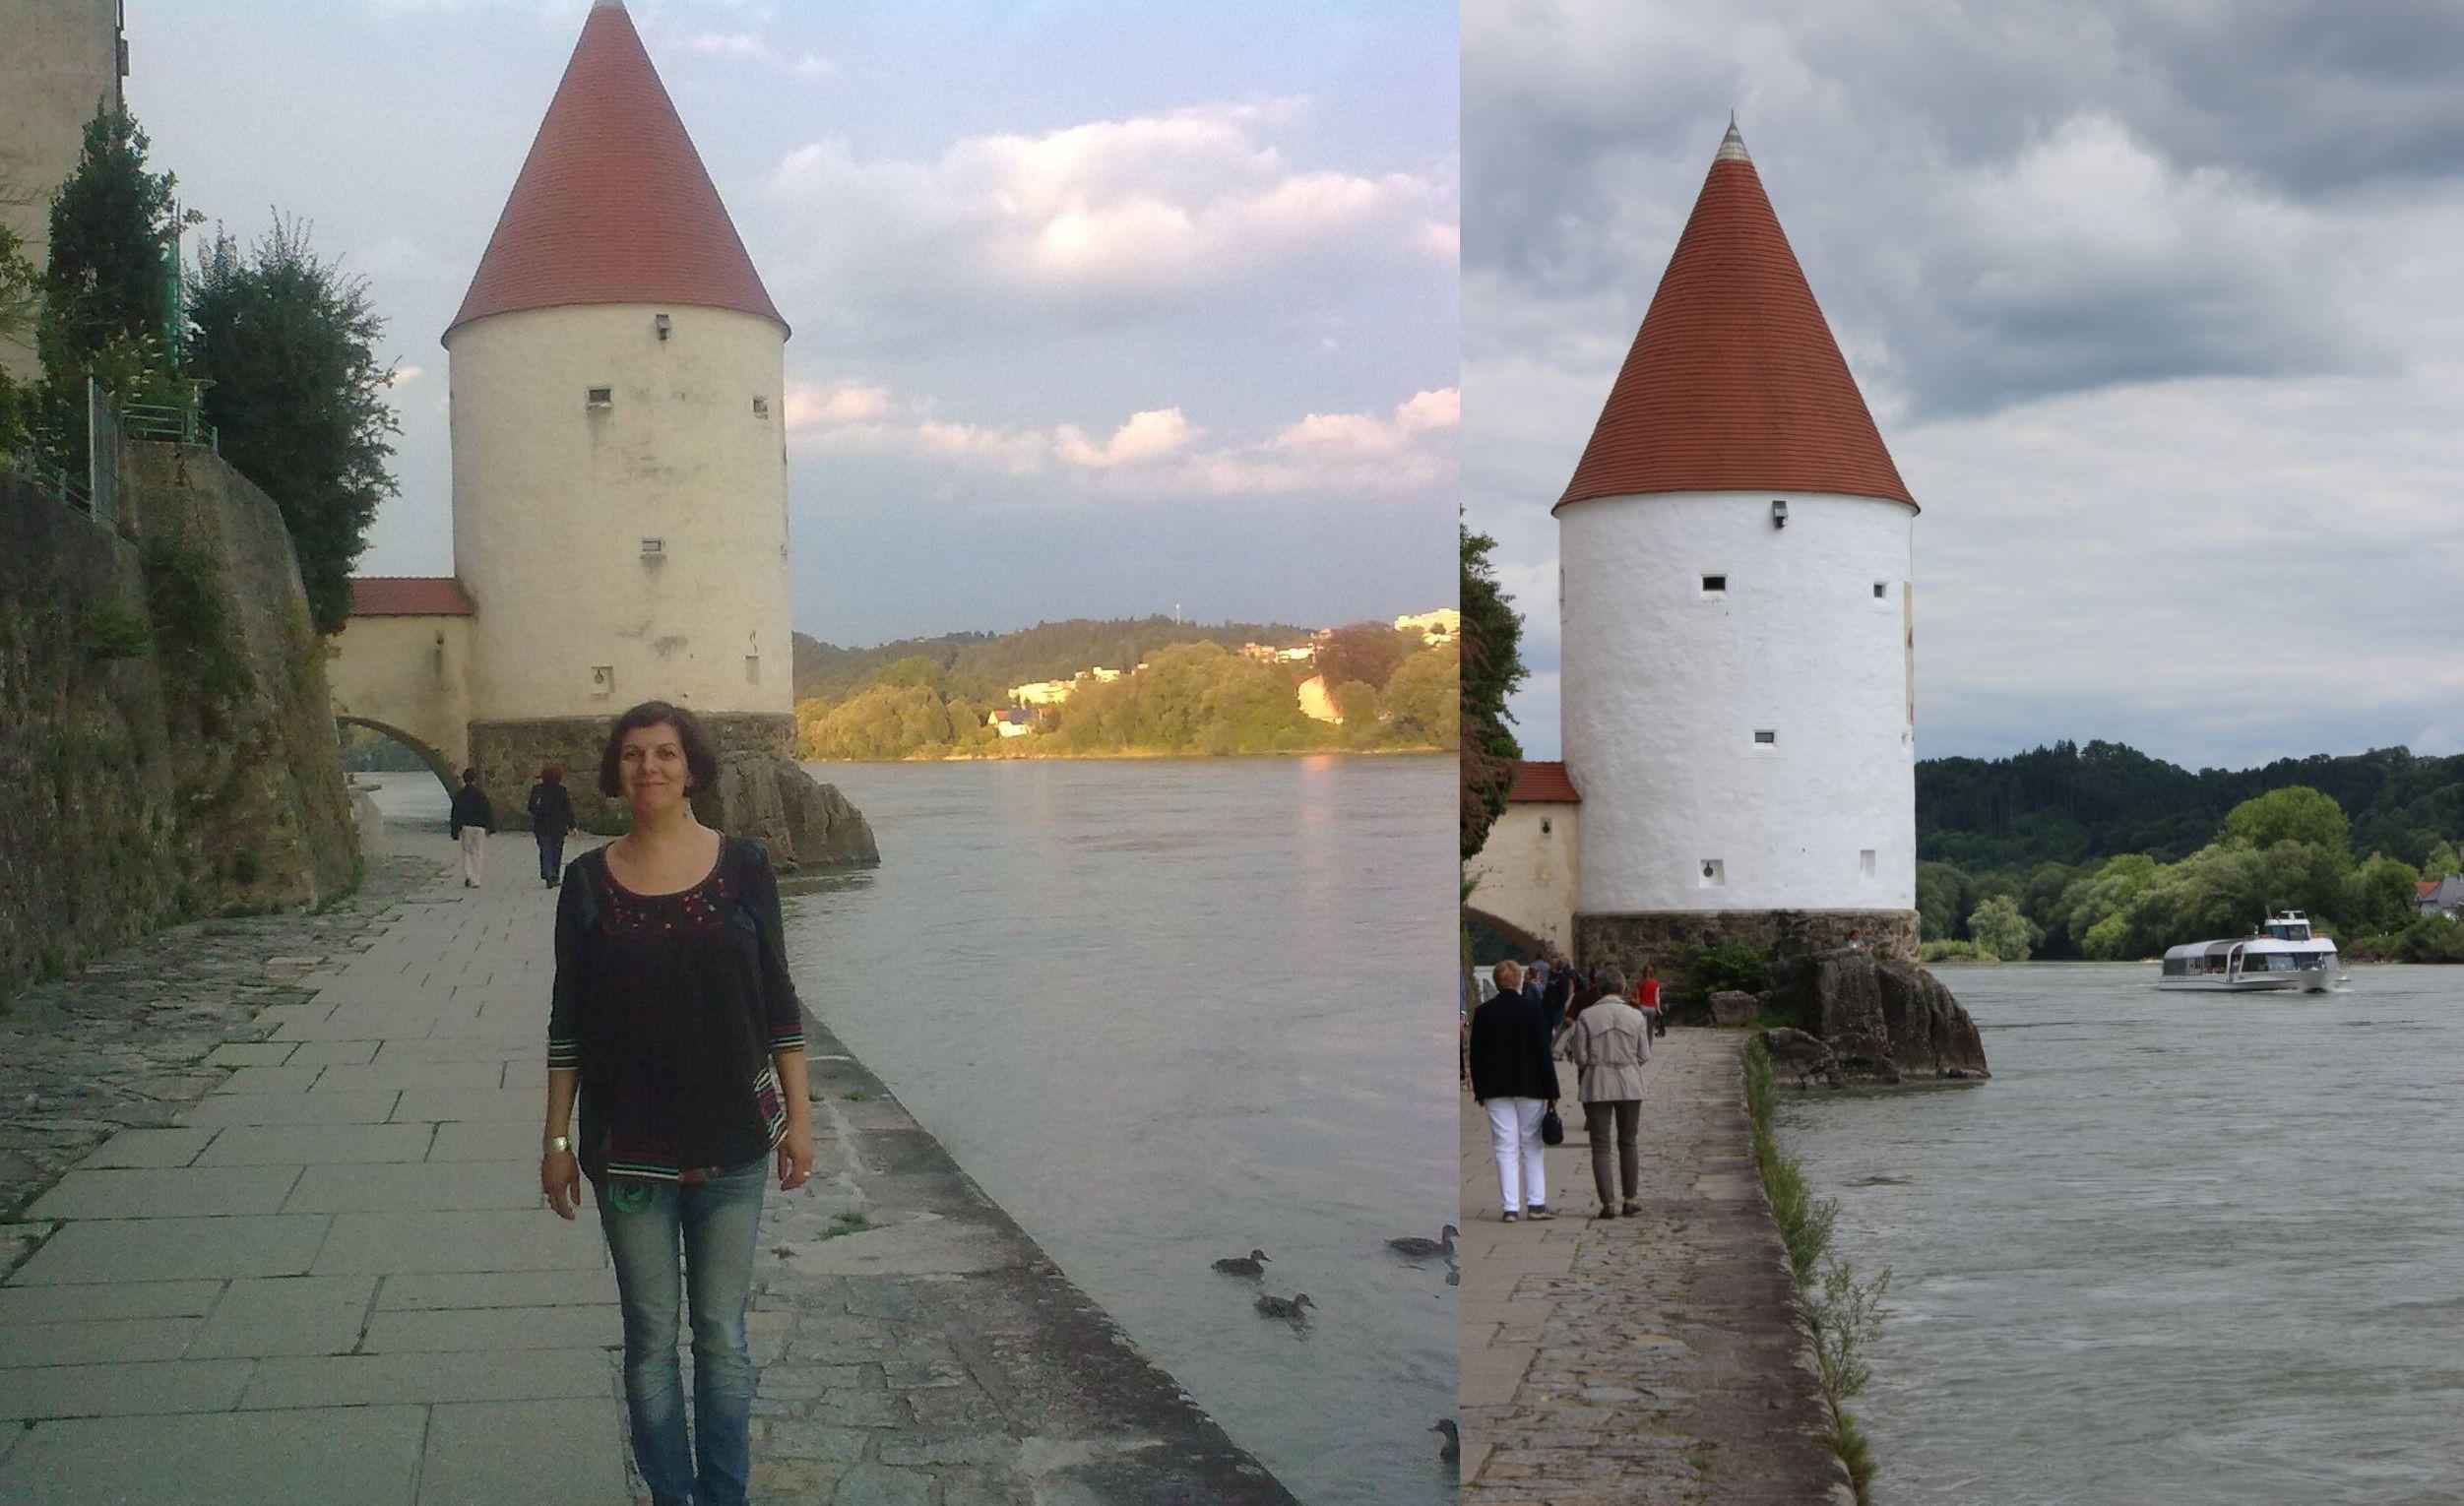 A Schaiblingsturm 2011-ben és a 2013-as árvíz után felújítva (A második kép forrása: www.passau.de)